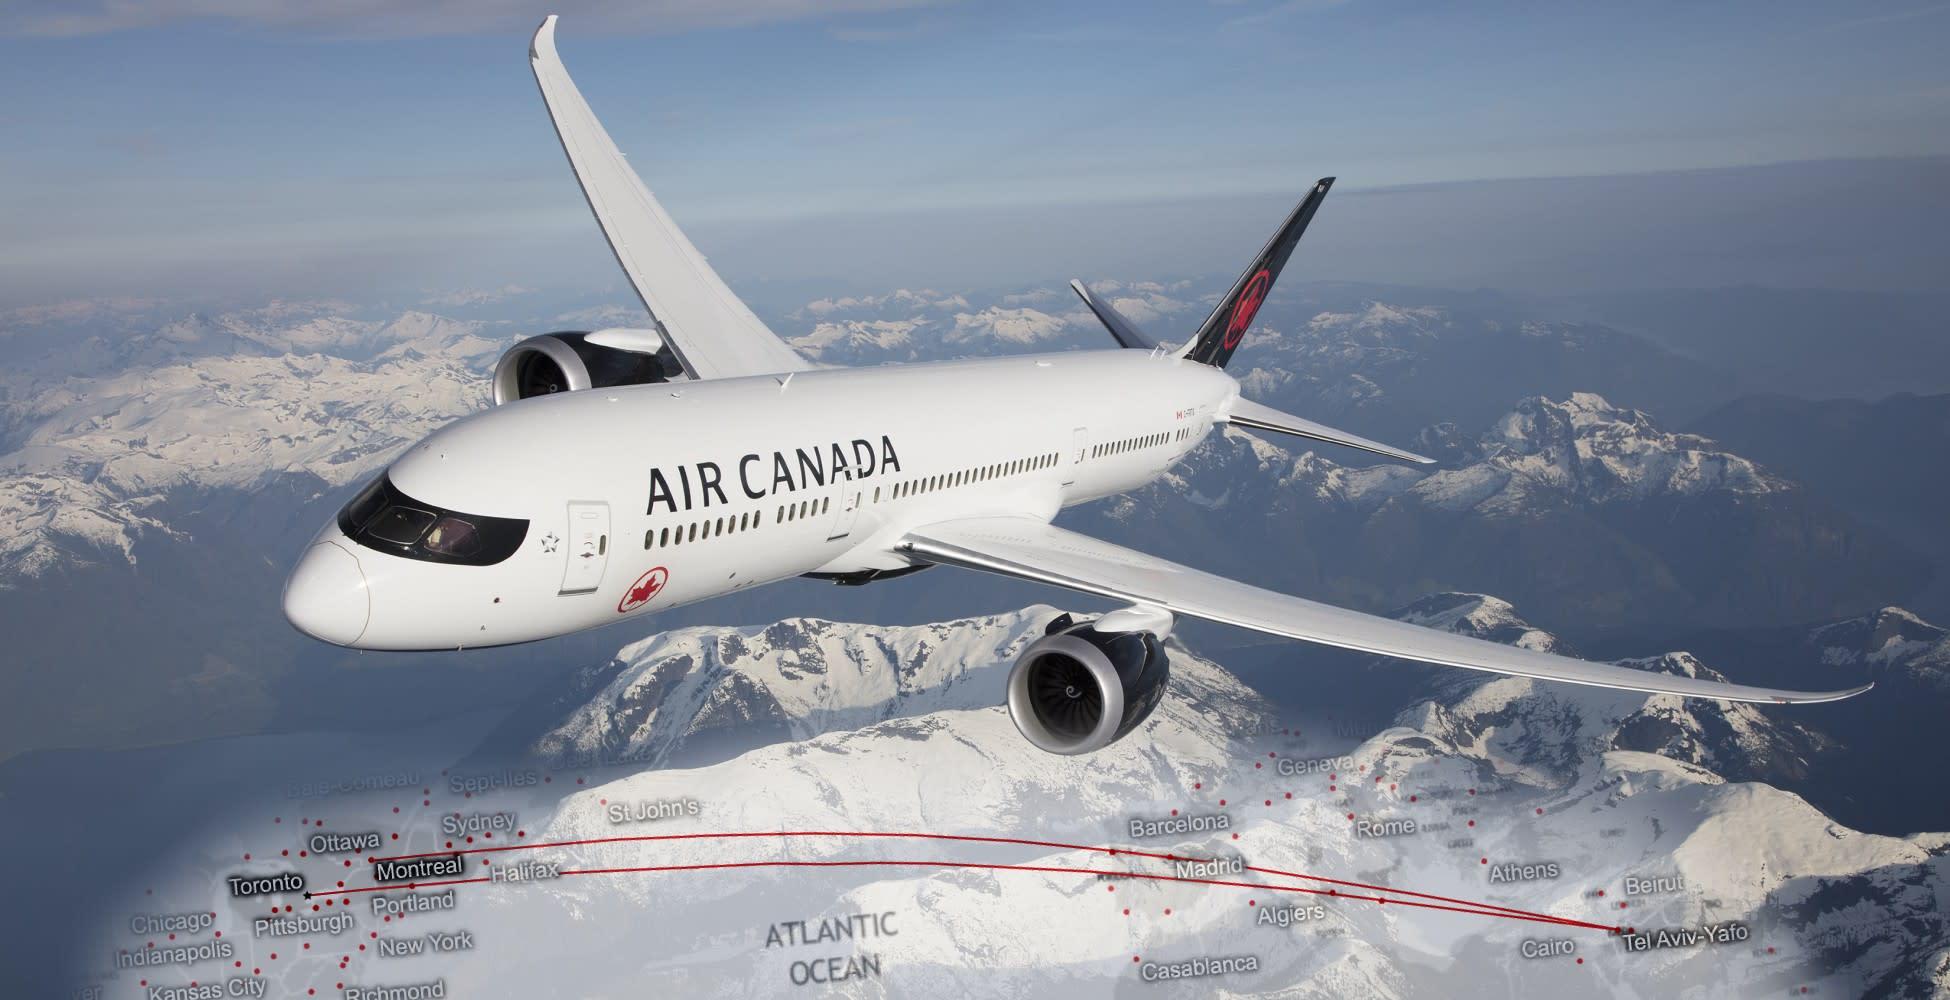 טיסות אייר קנדה - חוות דעת וסקירה